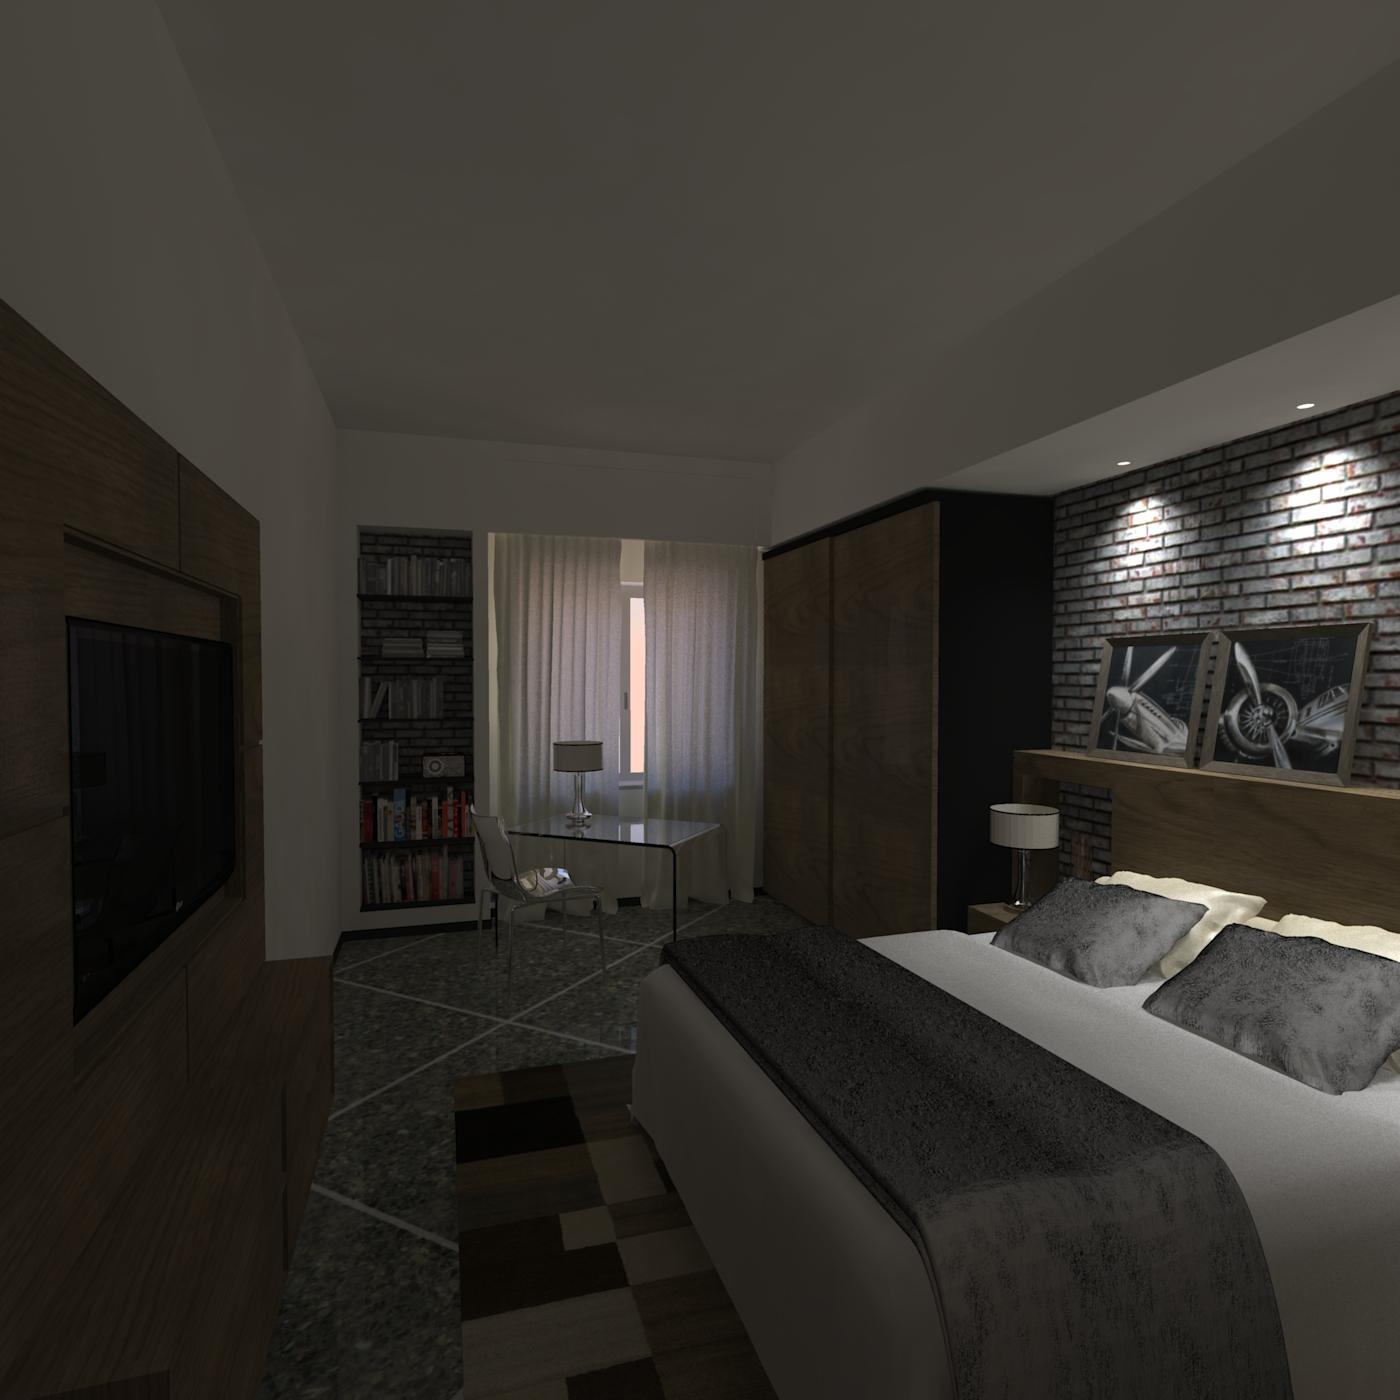 camera da letto matrimoniale - atp studio - Controsoffitti Camera Da Letto